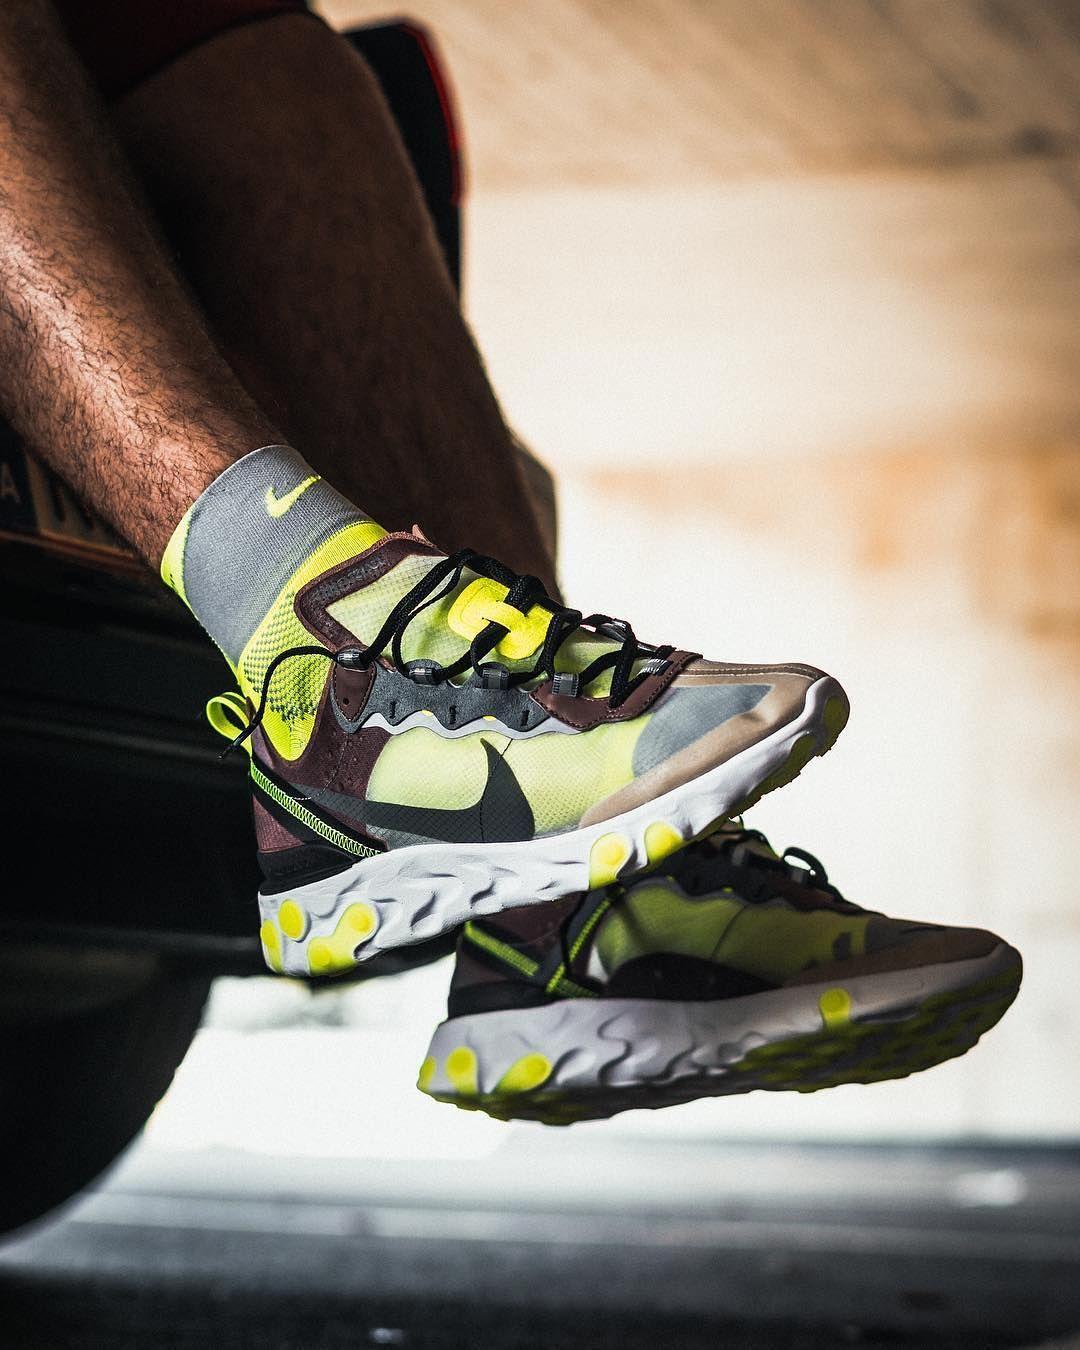 690cb467 Best colorway yet?   | Nikes in 2019 | Sneakers, Sneakers nike ...